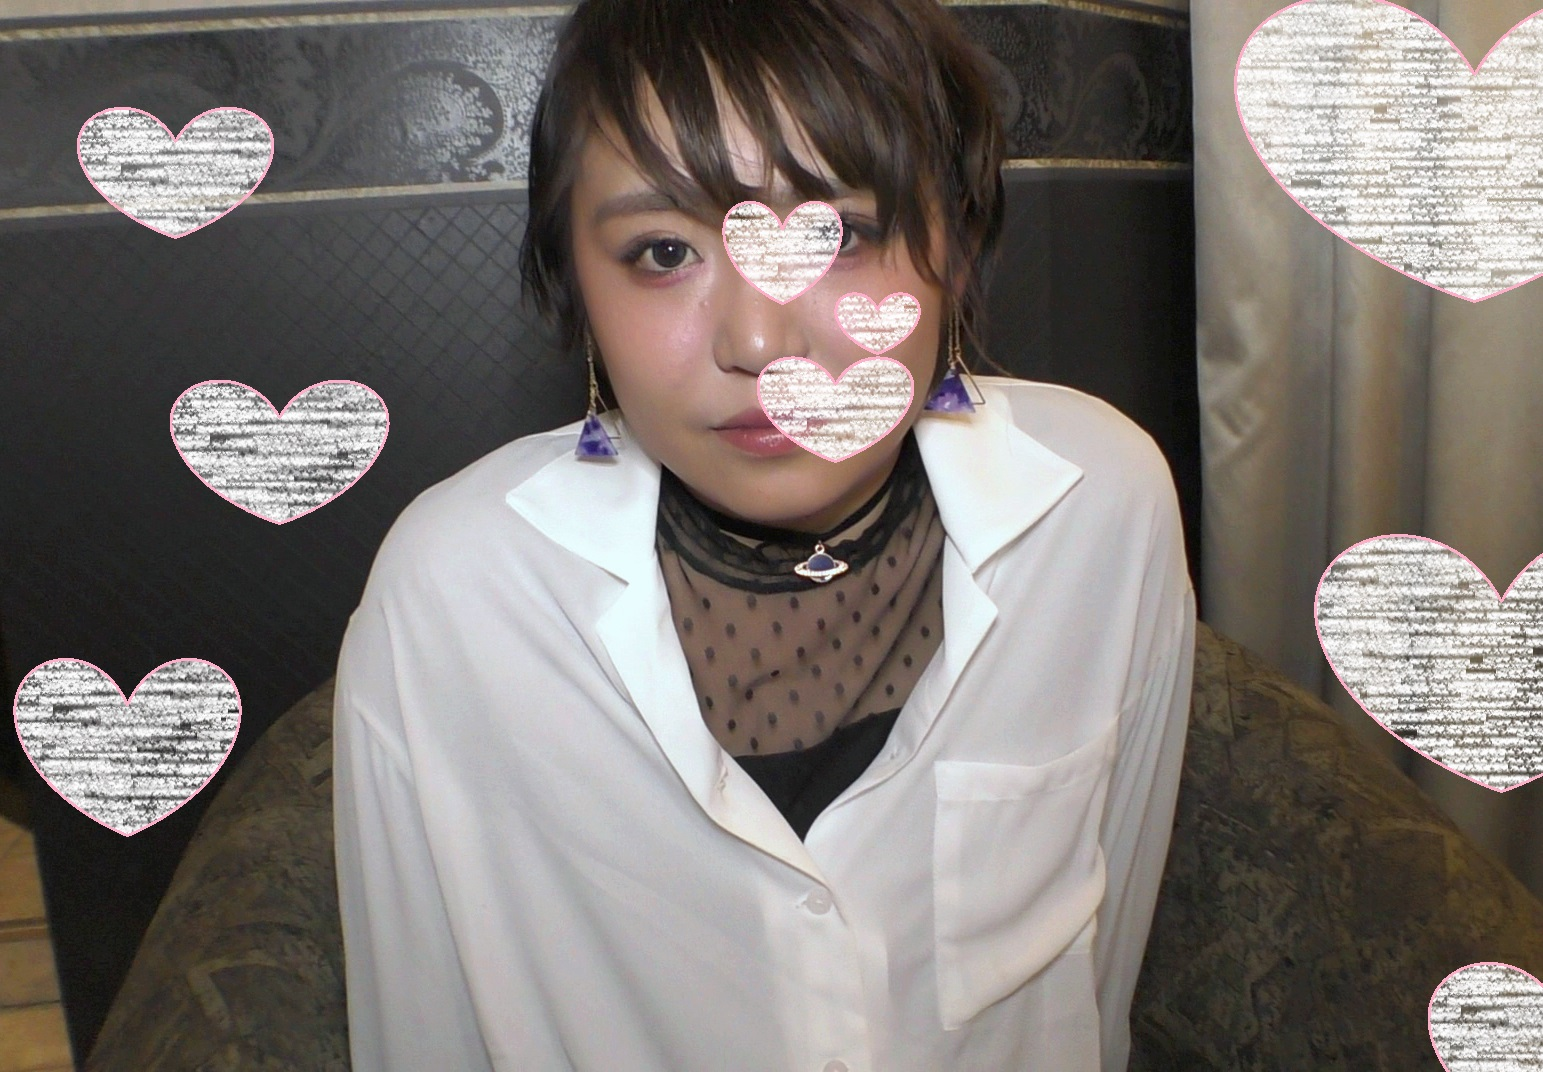 顔出し・絶対的美少女・あん19才・私服で生ハメ中出し・超清楚系ショートカット・03編フェラ編